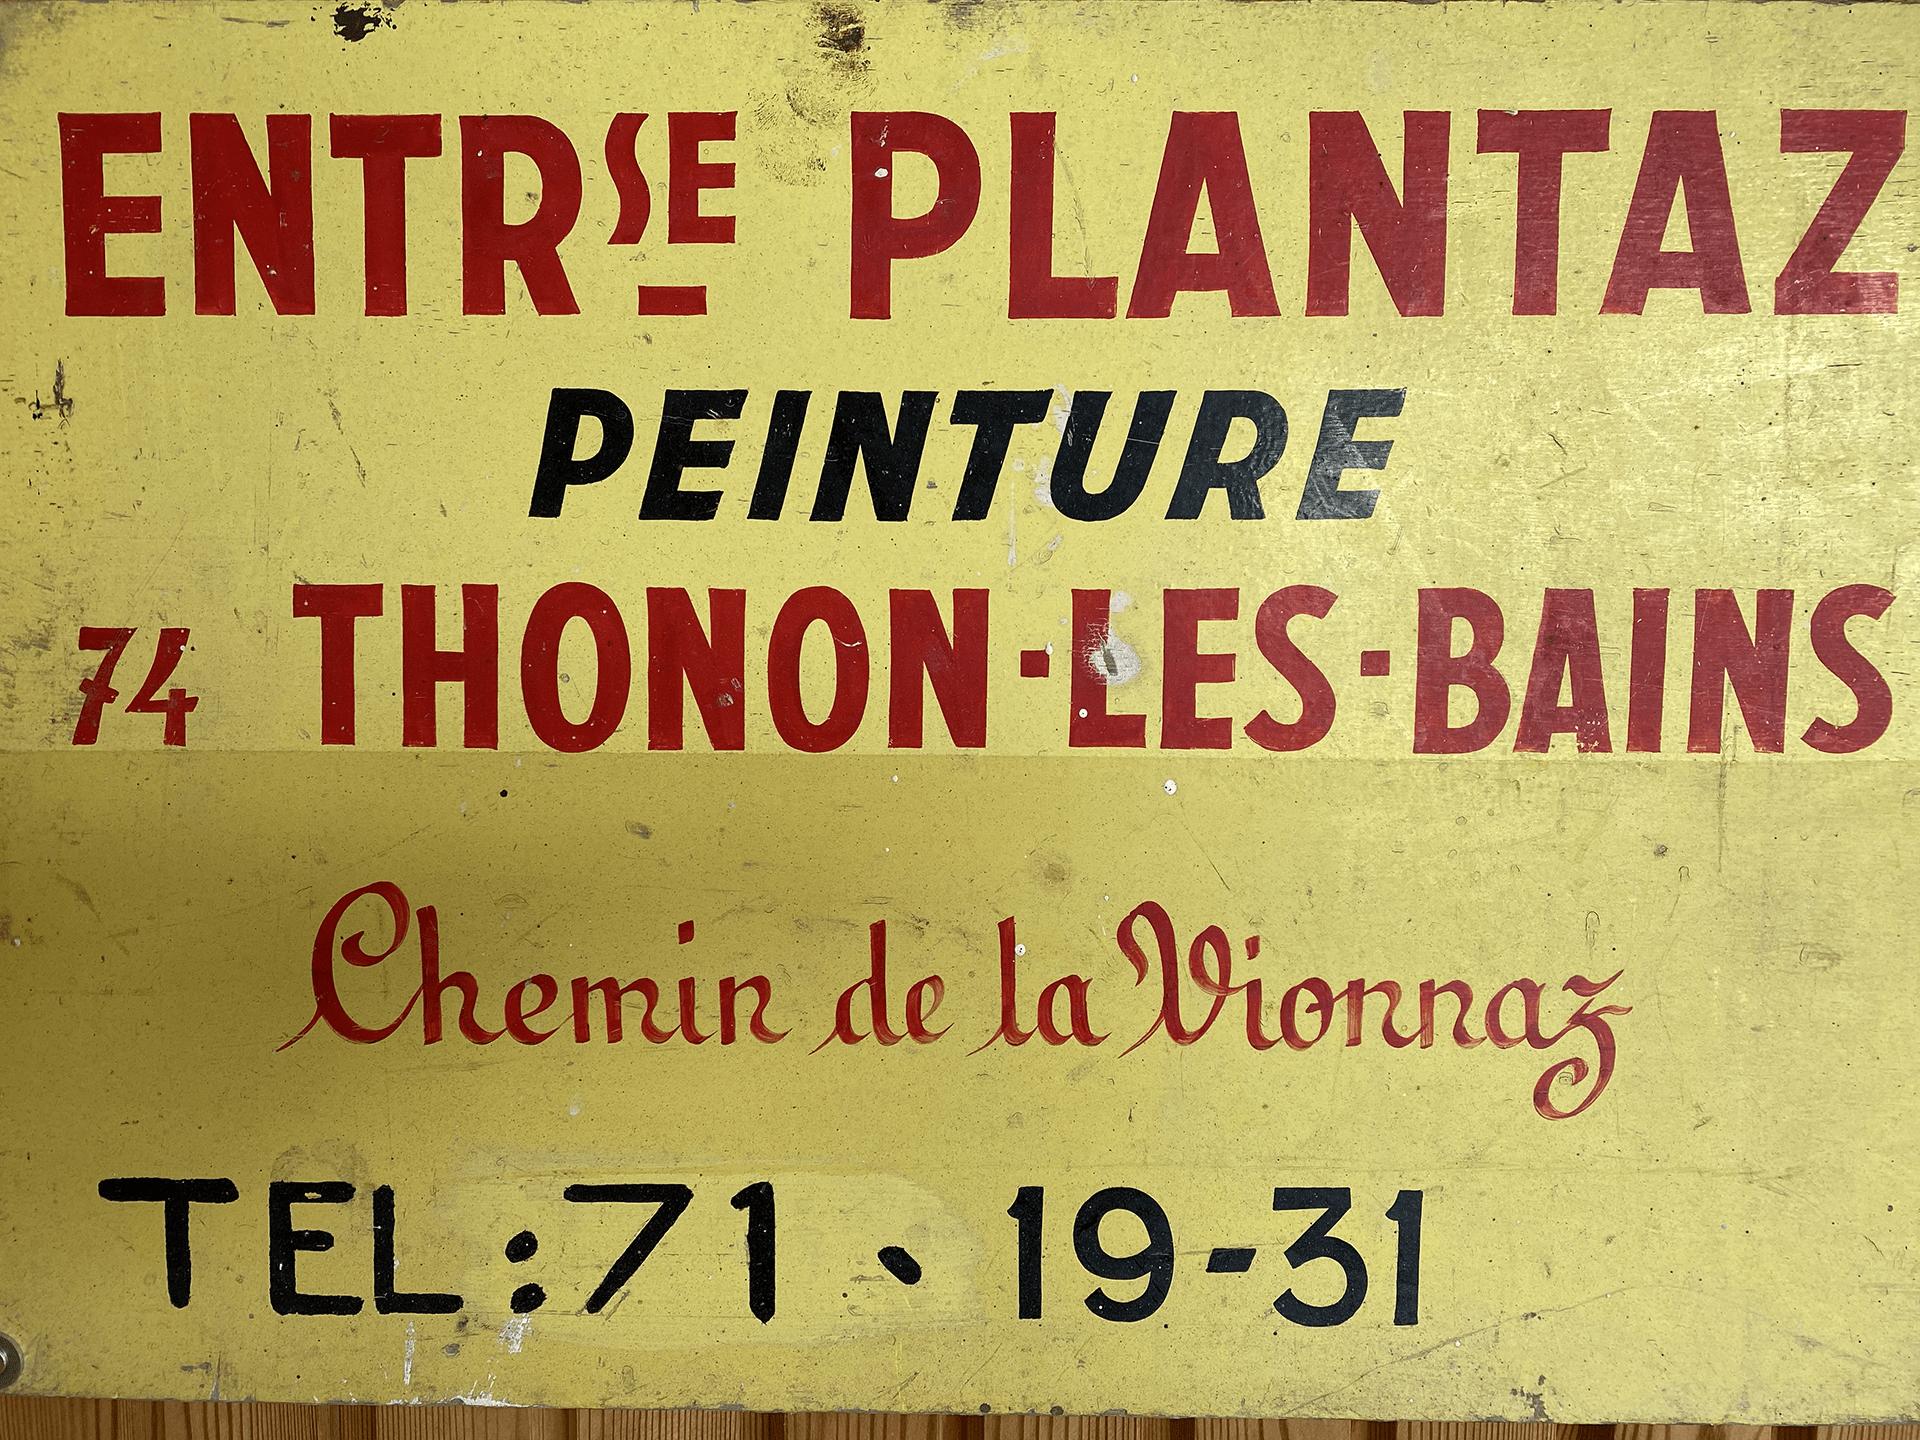 enseigne ancienne de plantaz peinture